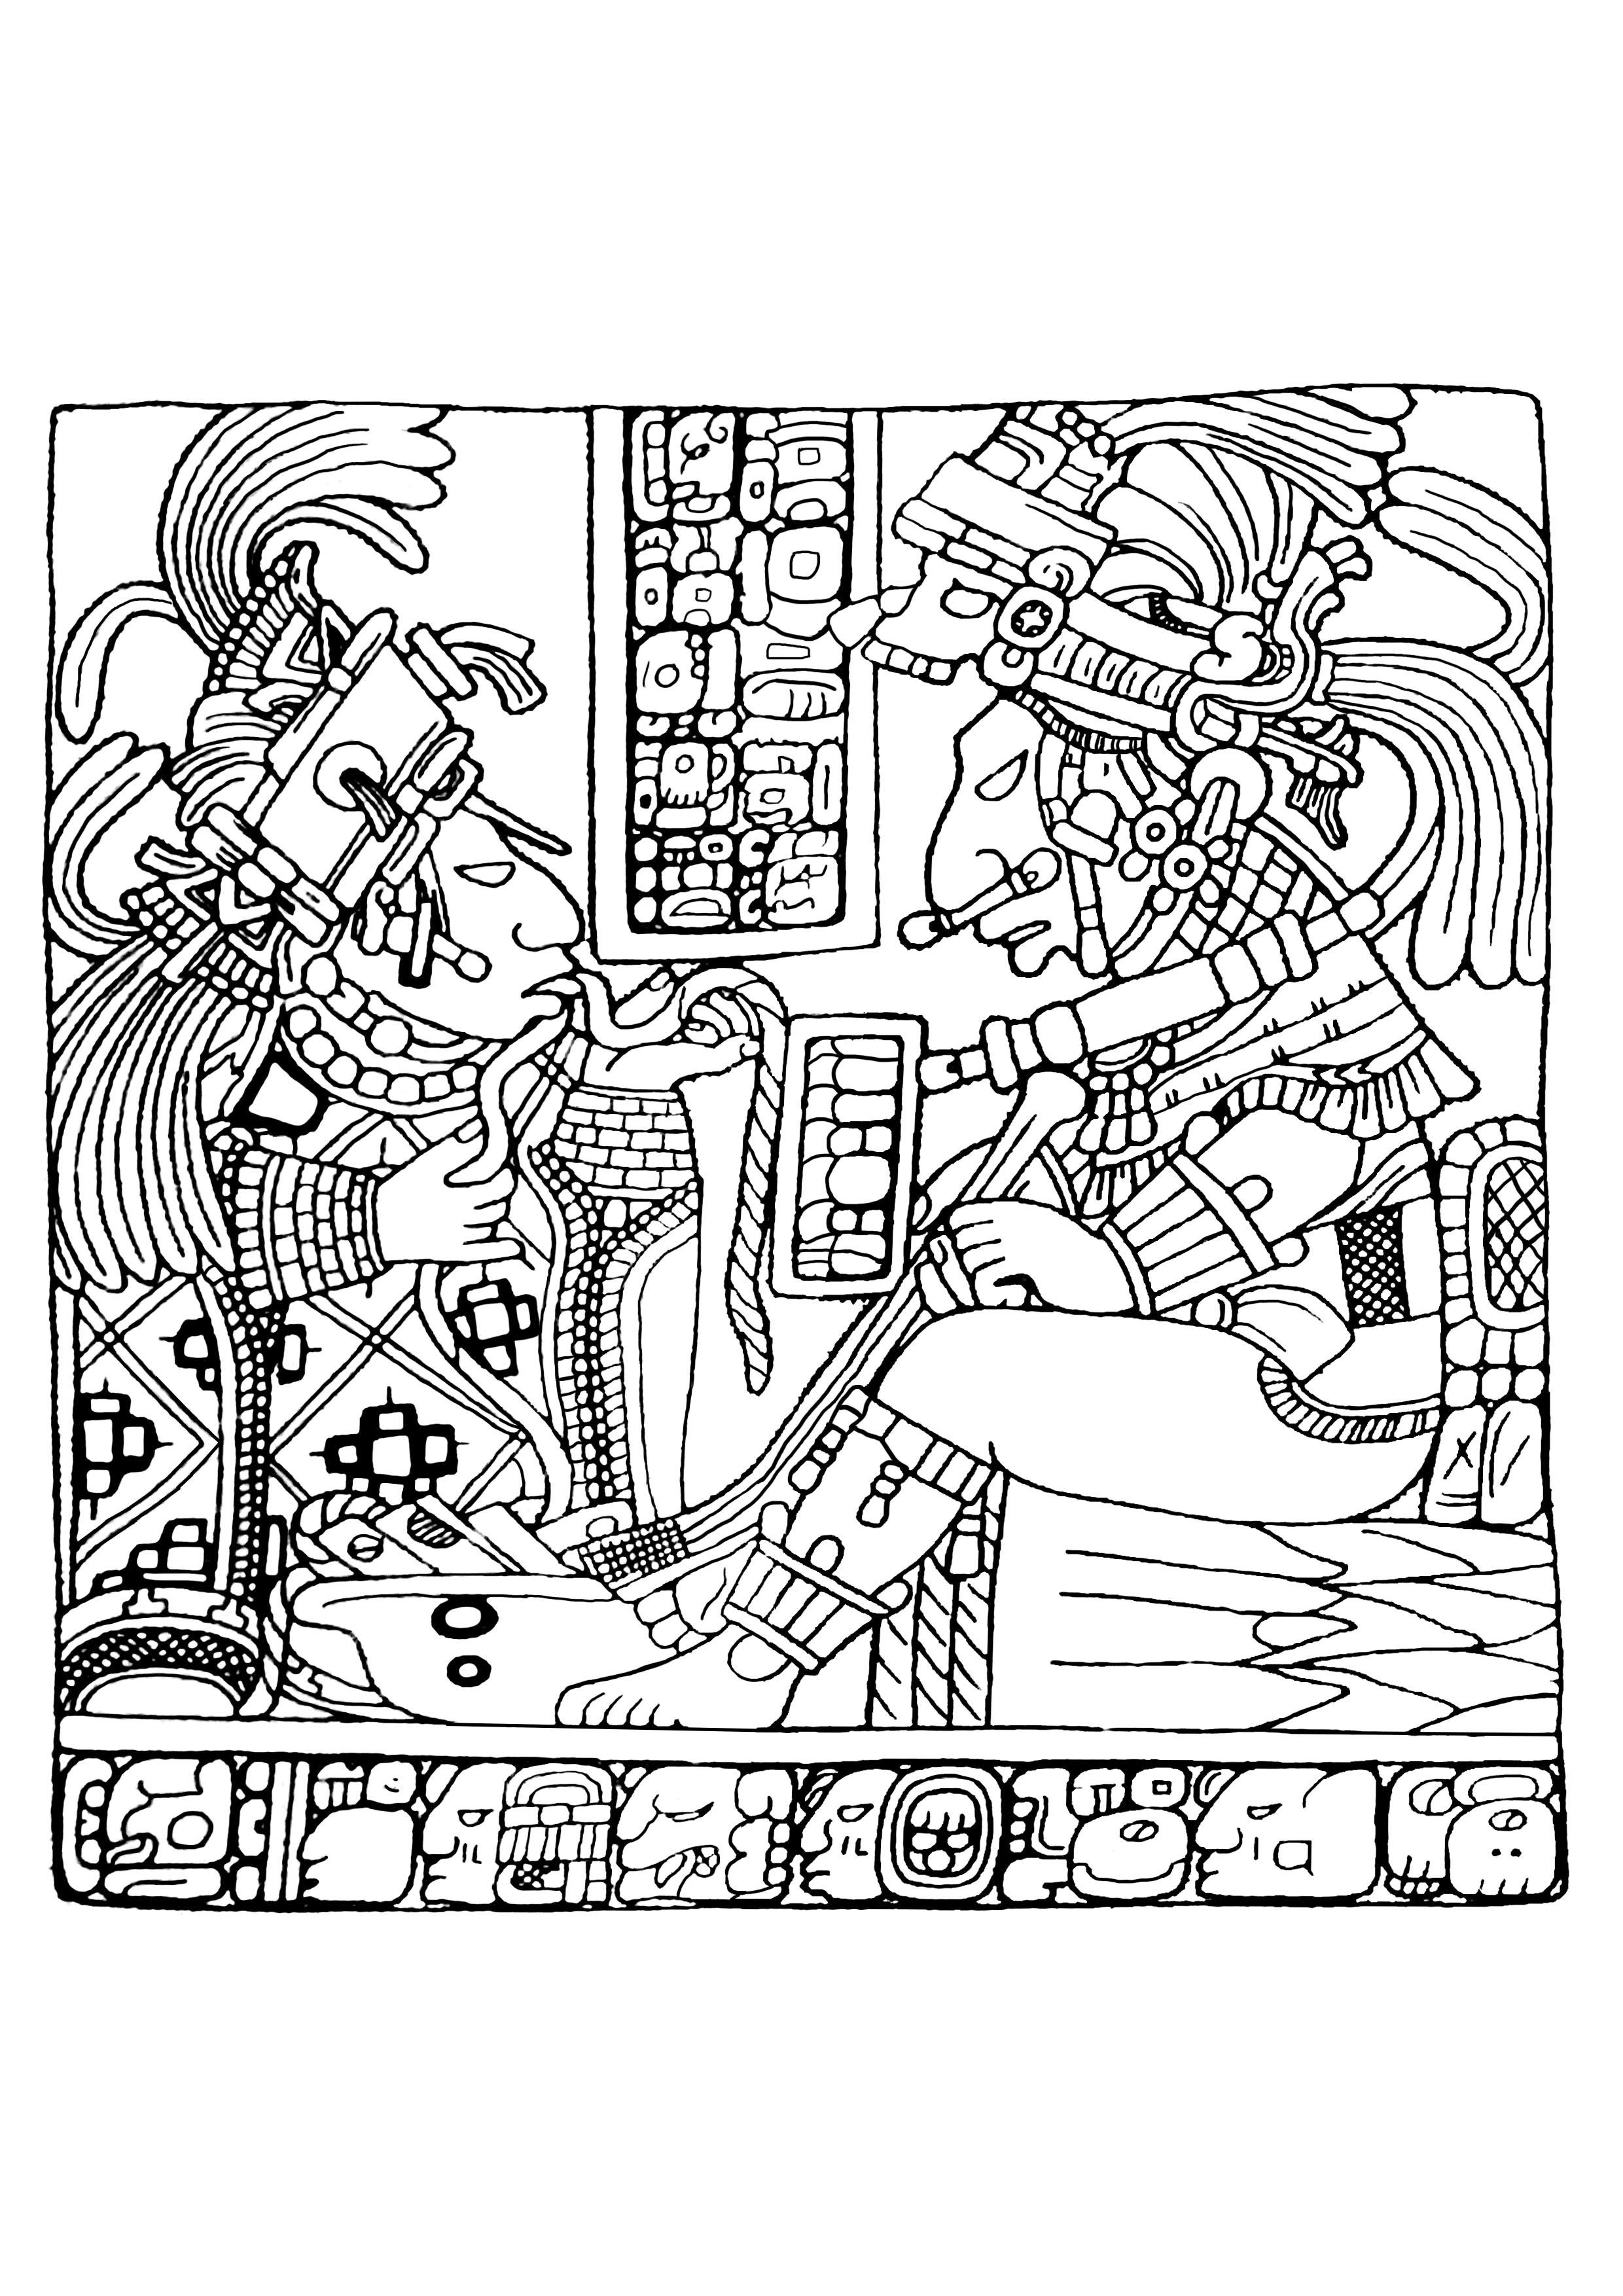 Colorear para adultos : Mayas, Aztecas e Incas - 30